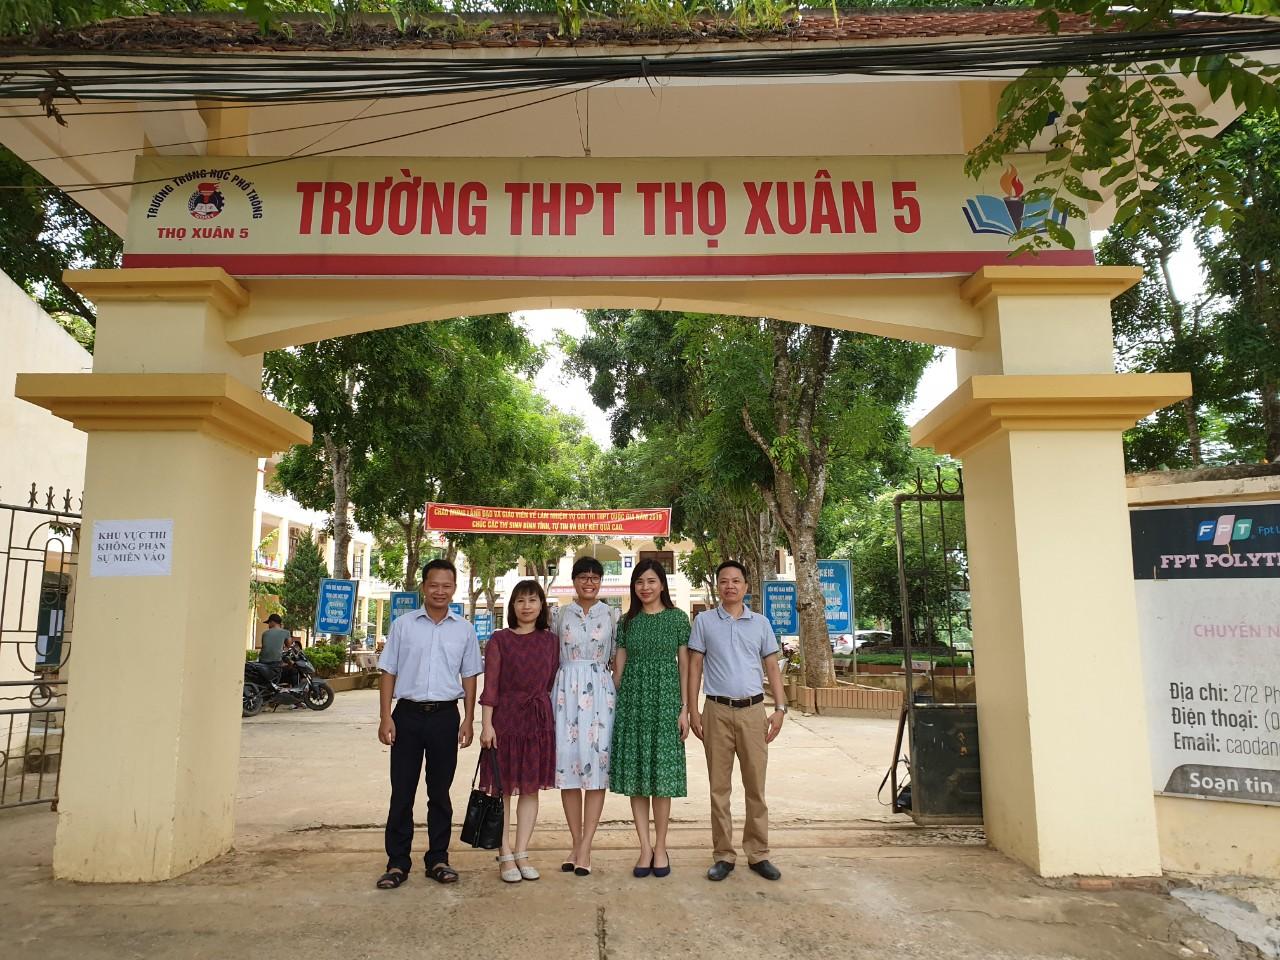 CBVC Trung tâm đào tạo Sau đại học tham gia công tác coi thi Kỳ thi THPT Quốc Gia năm 2019 tại Thanh Hóa.